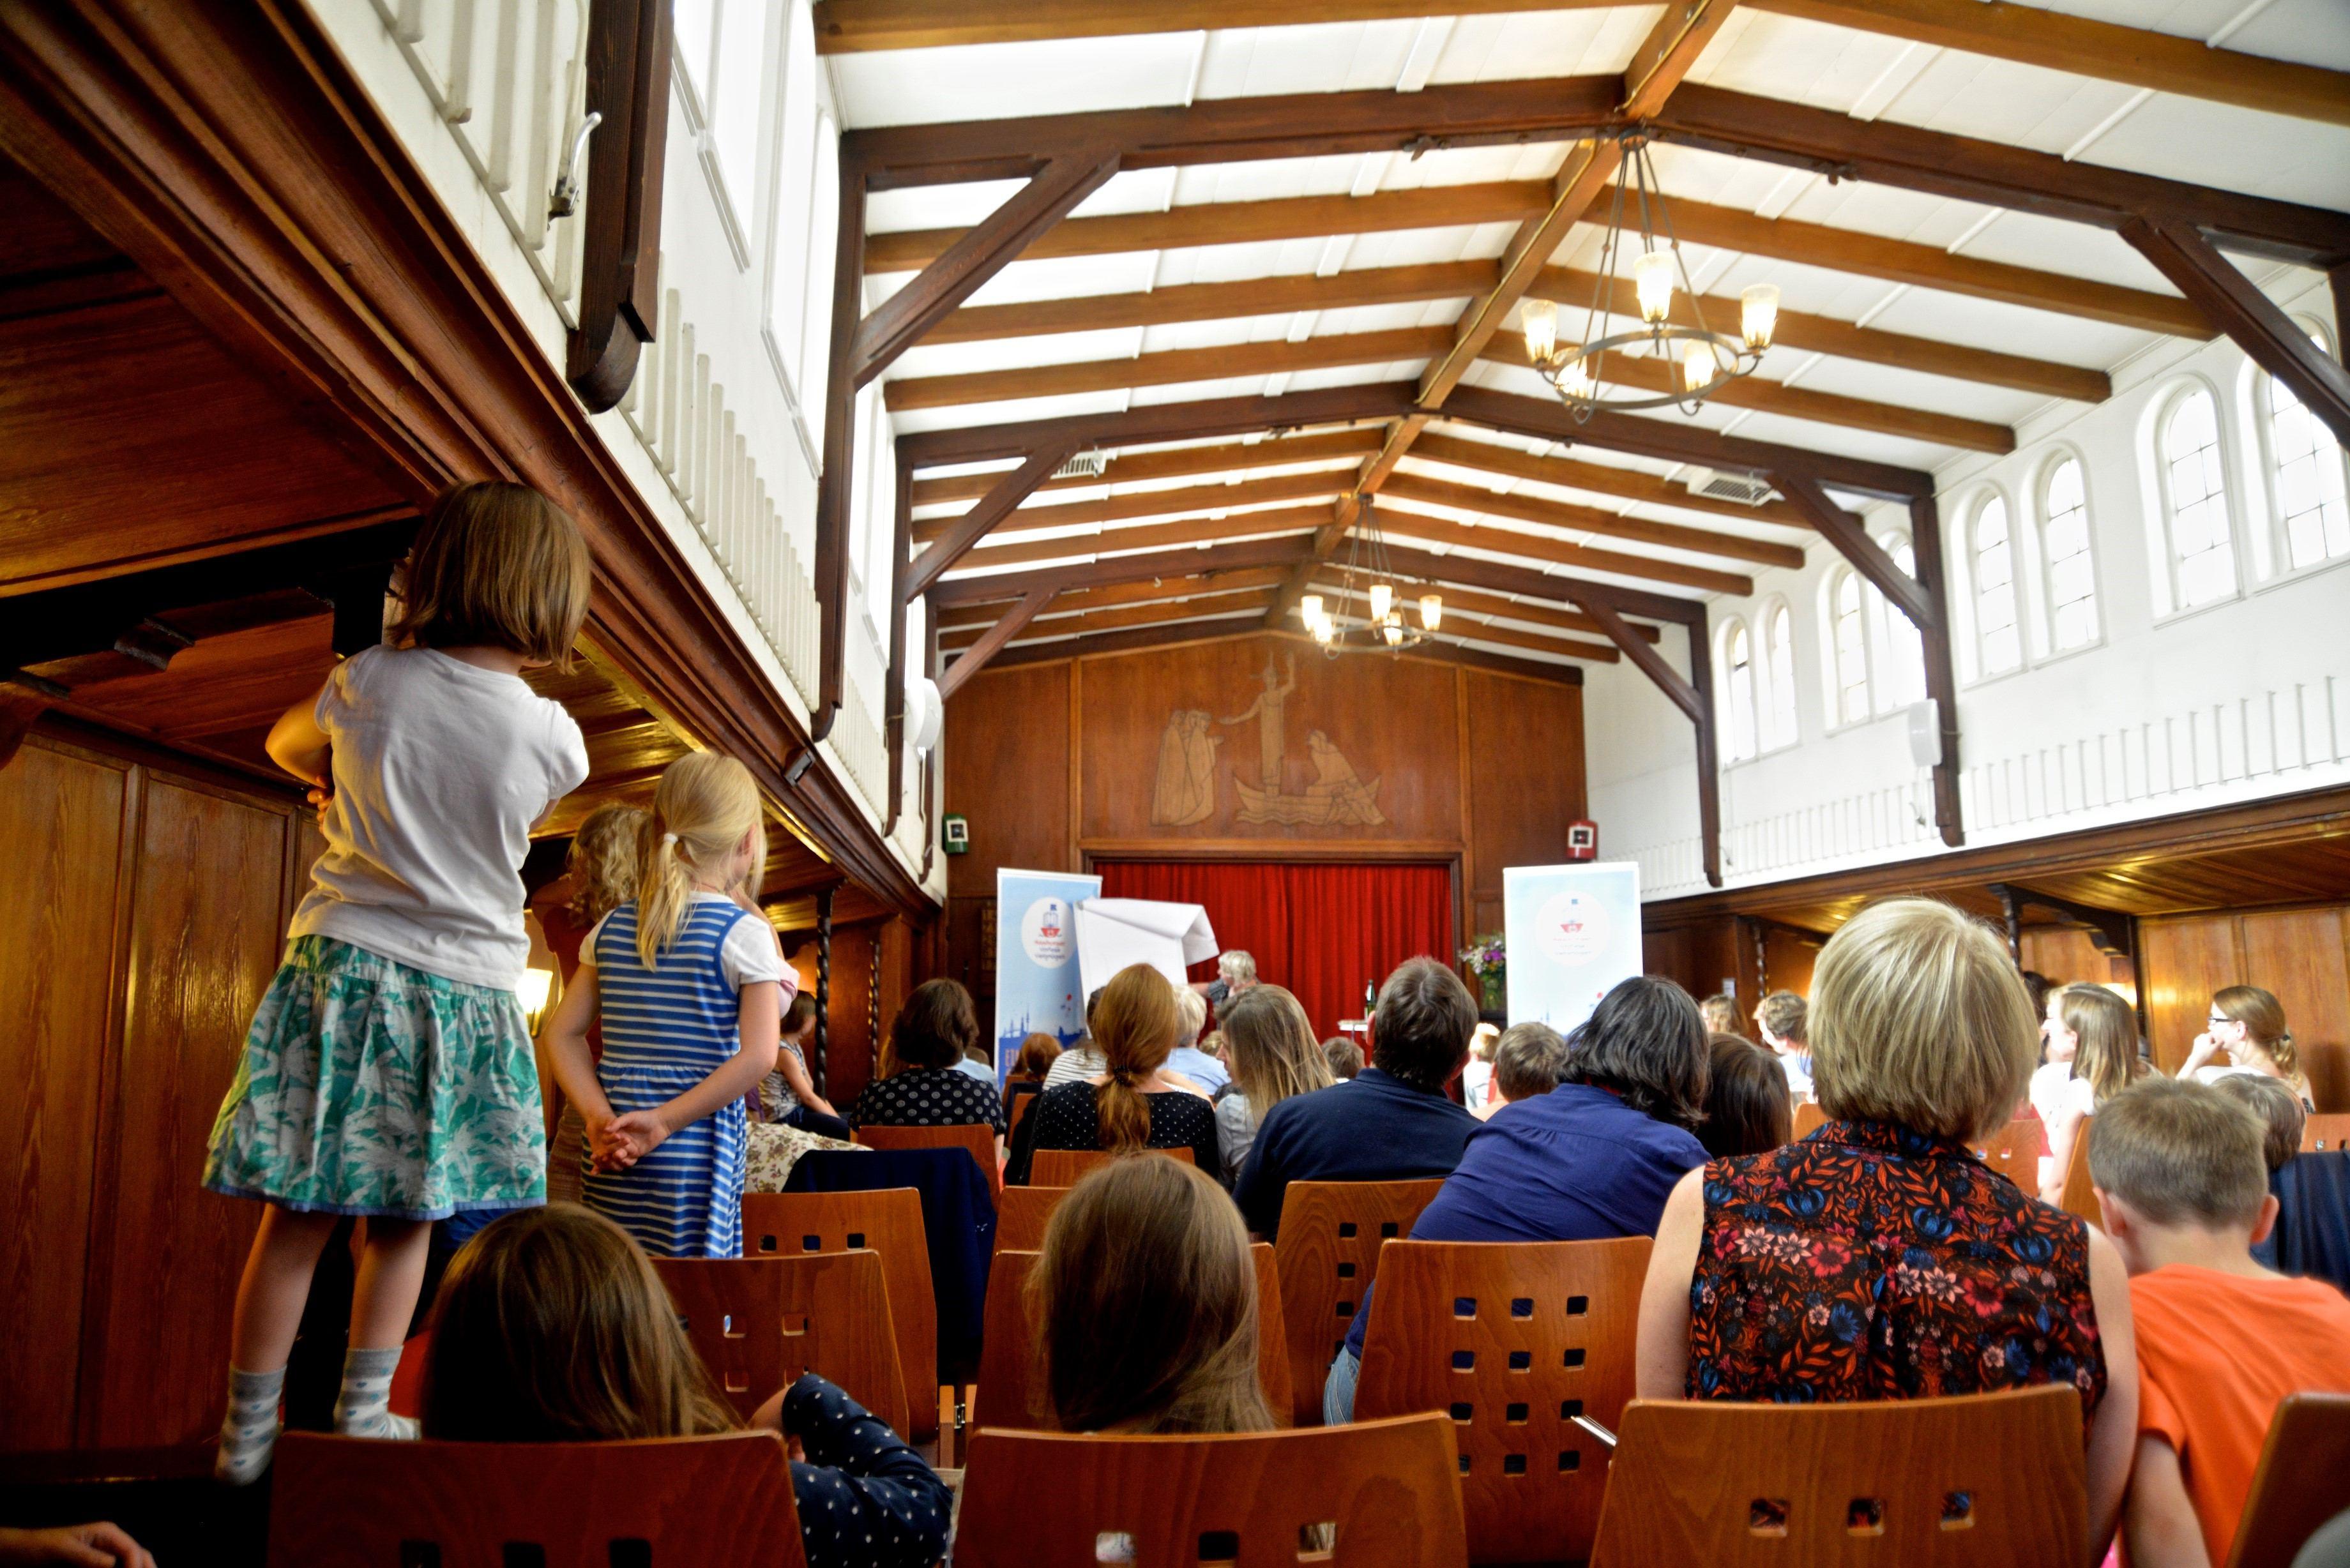 VorleseVergnügen: Eimsbüttel spitzt die Ohren